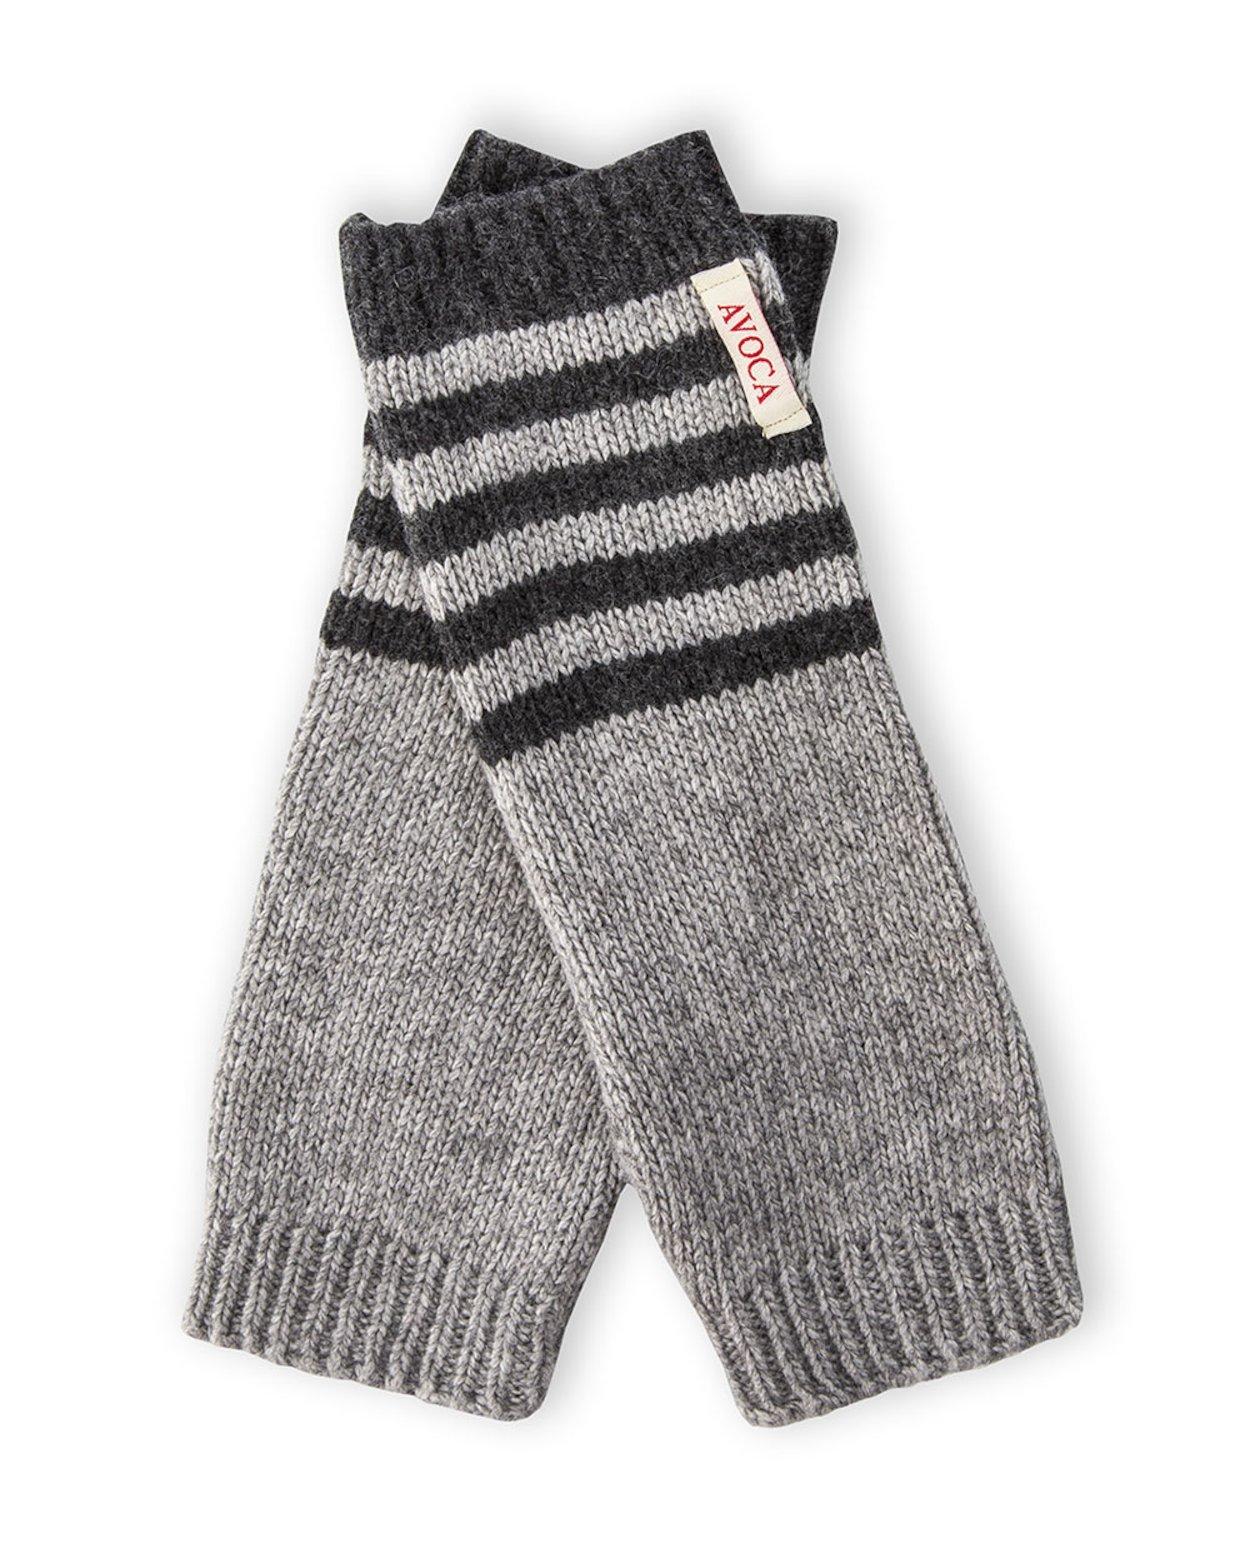 Park Life Cuff in Grey & Dark Grey